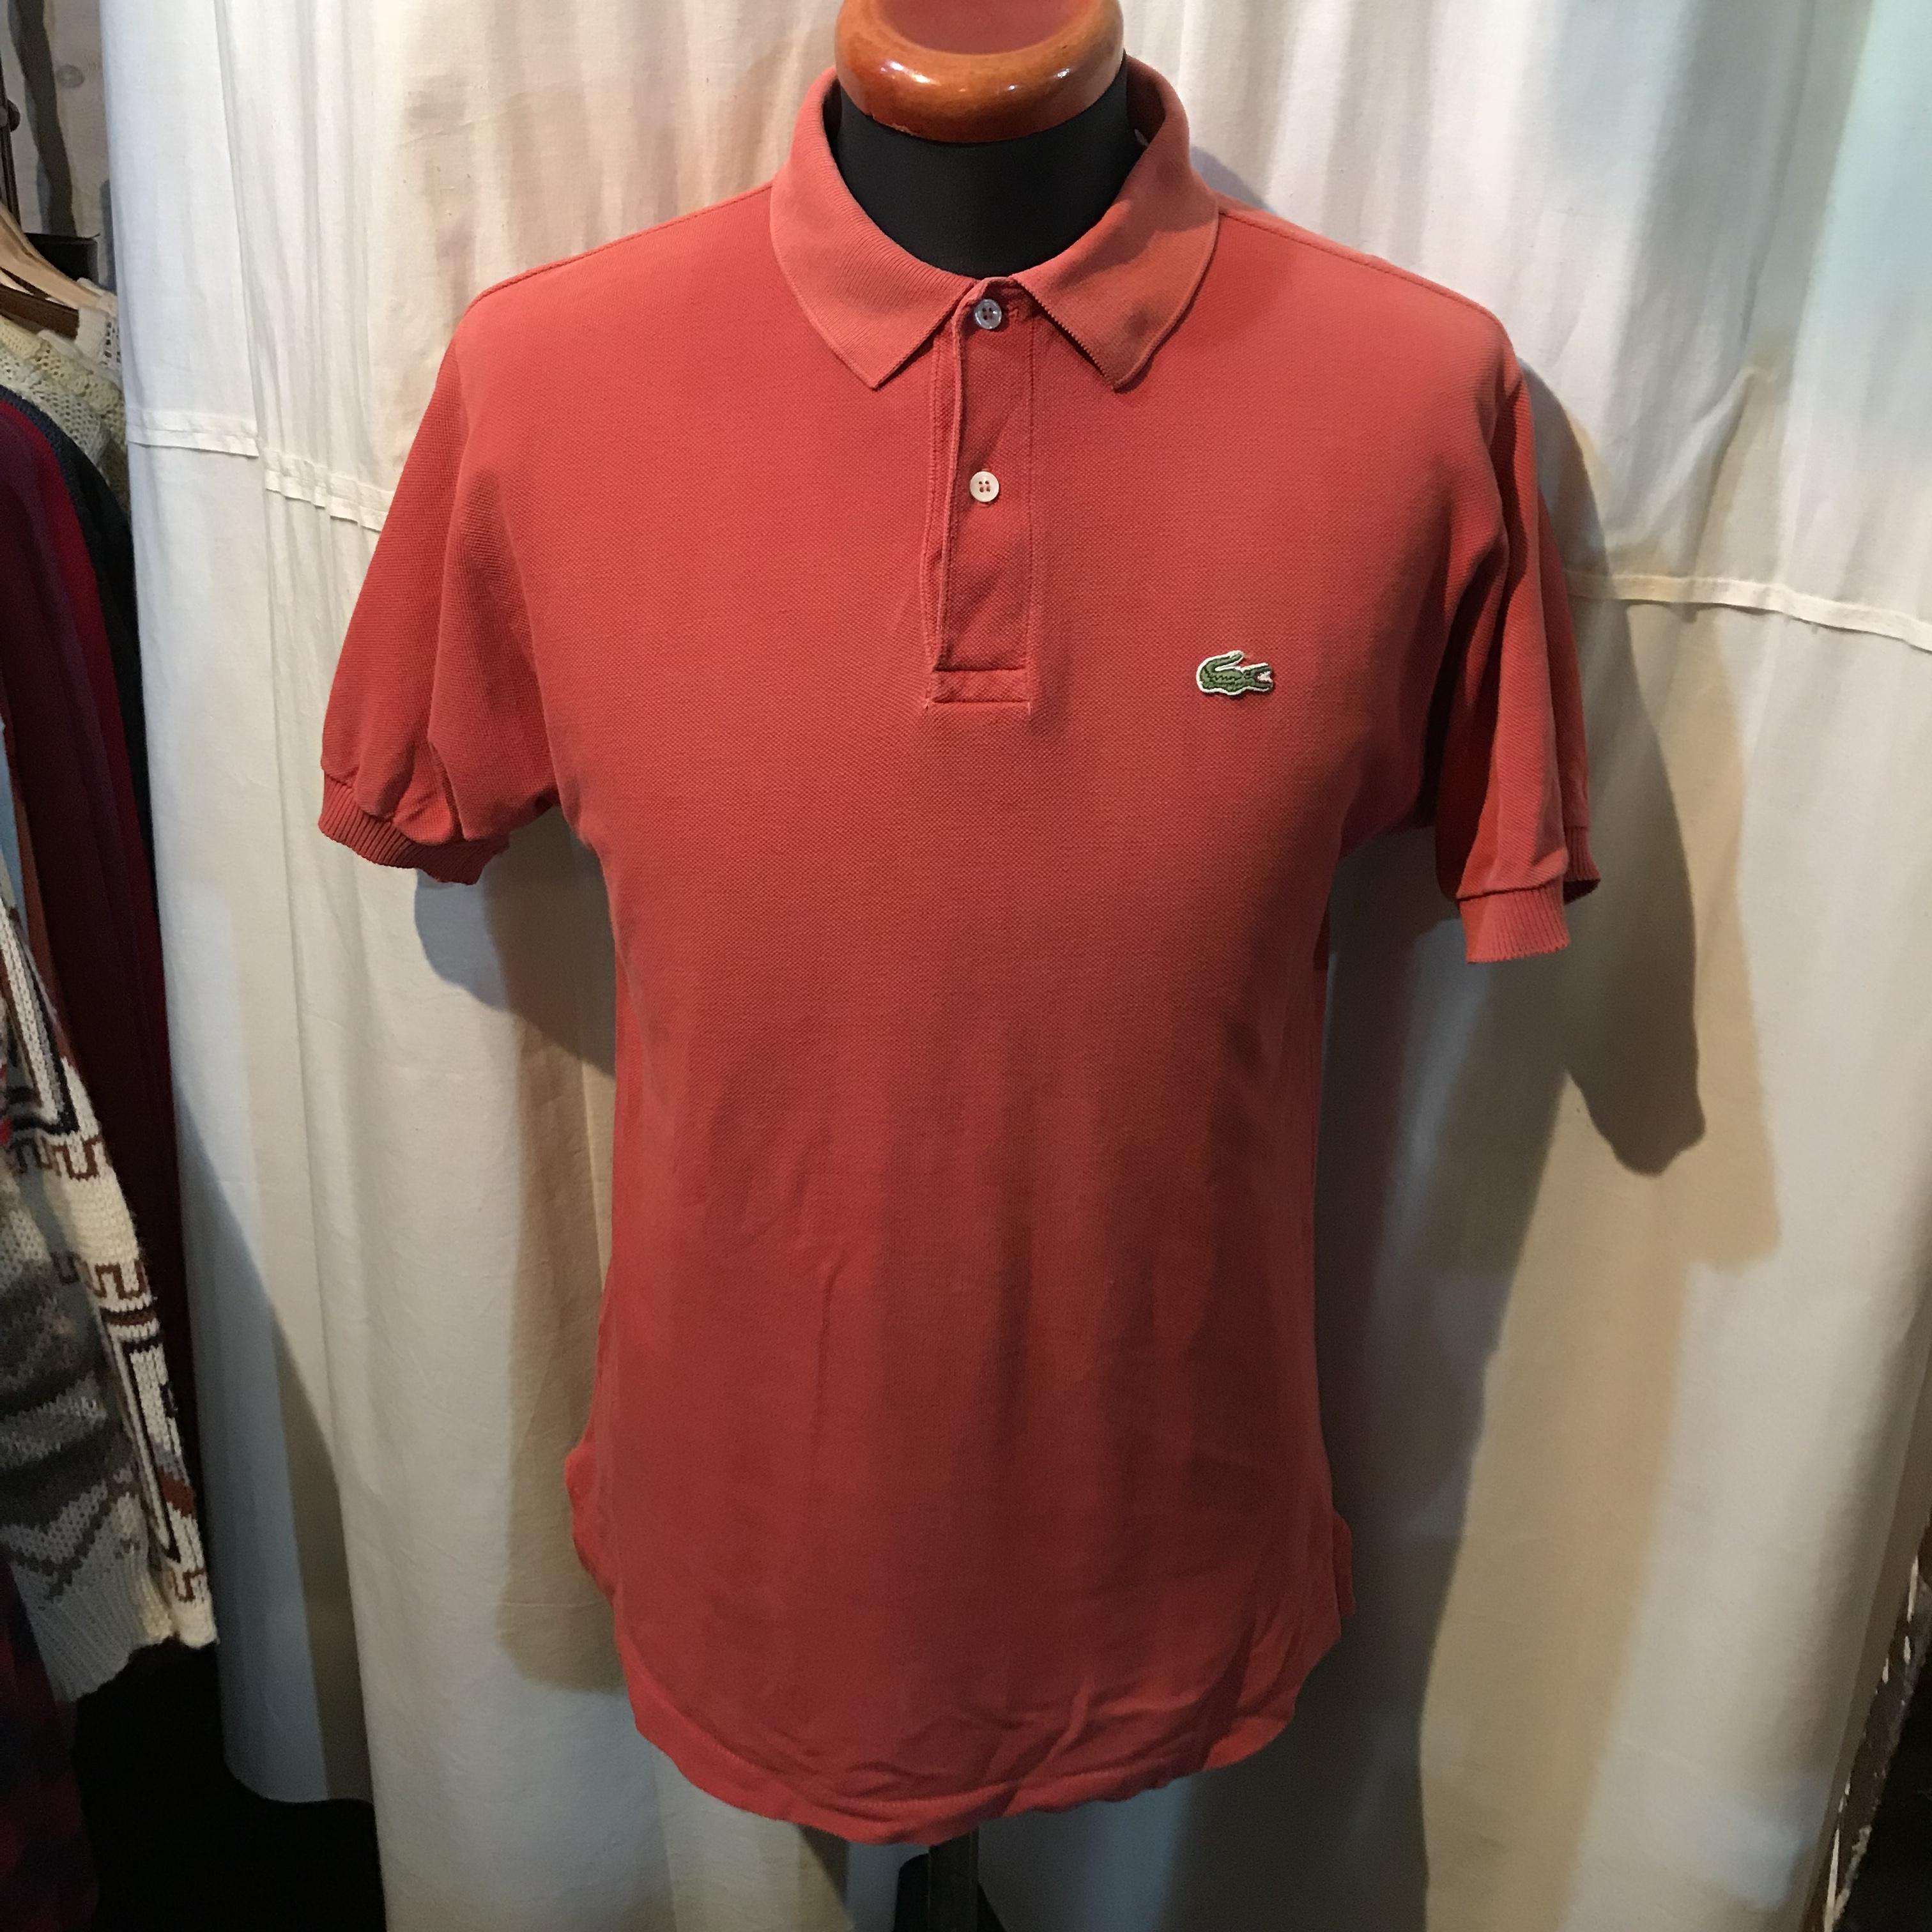 アメリカ製 IZOD LACOSTE ラコステ ポロシャツ USA コットン100% メンズL